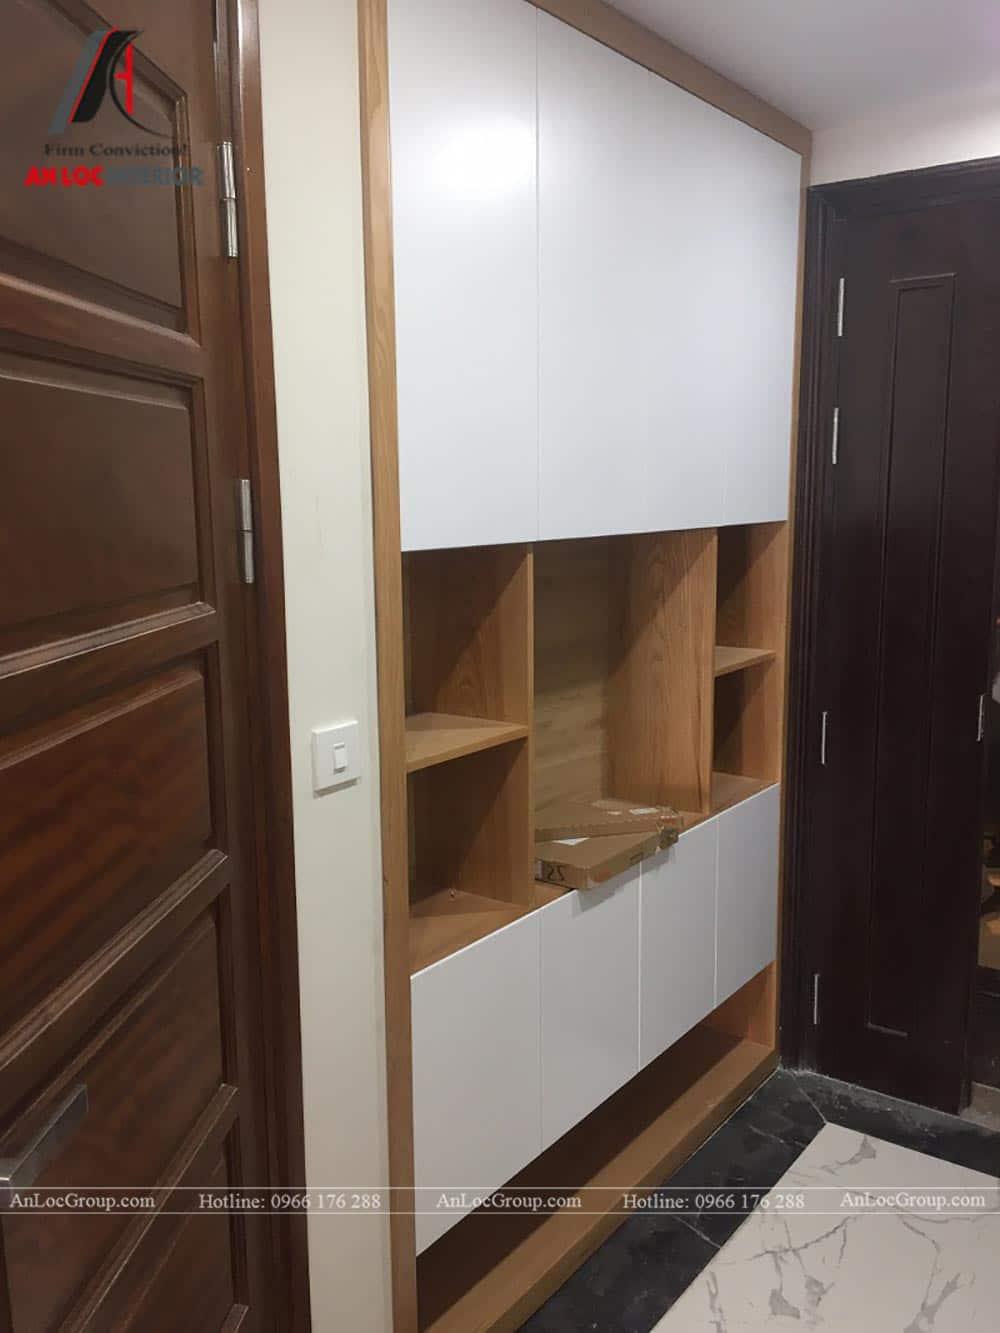 Thi công nội thất chung cư 81m2 tại Việt Đức Complex - Ảnh 7